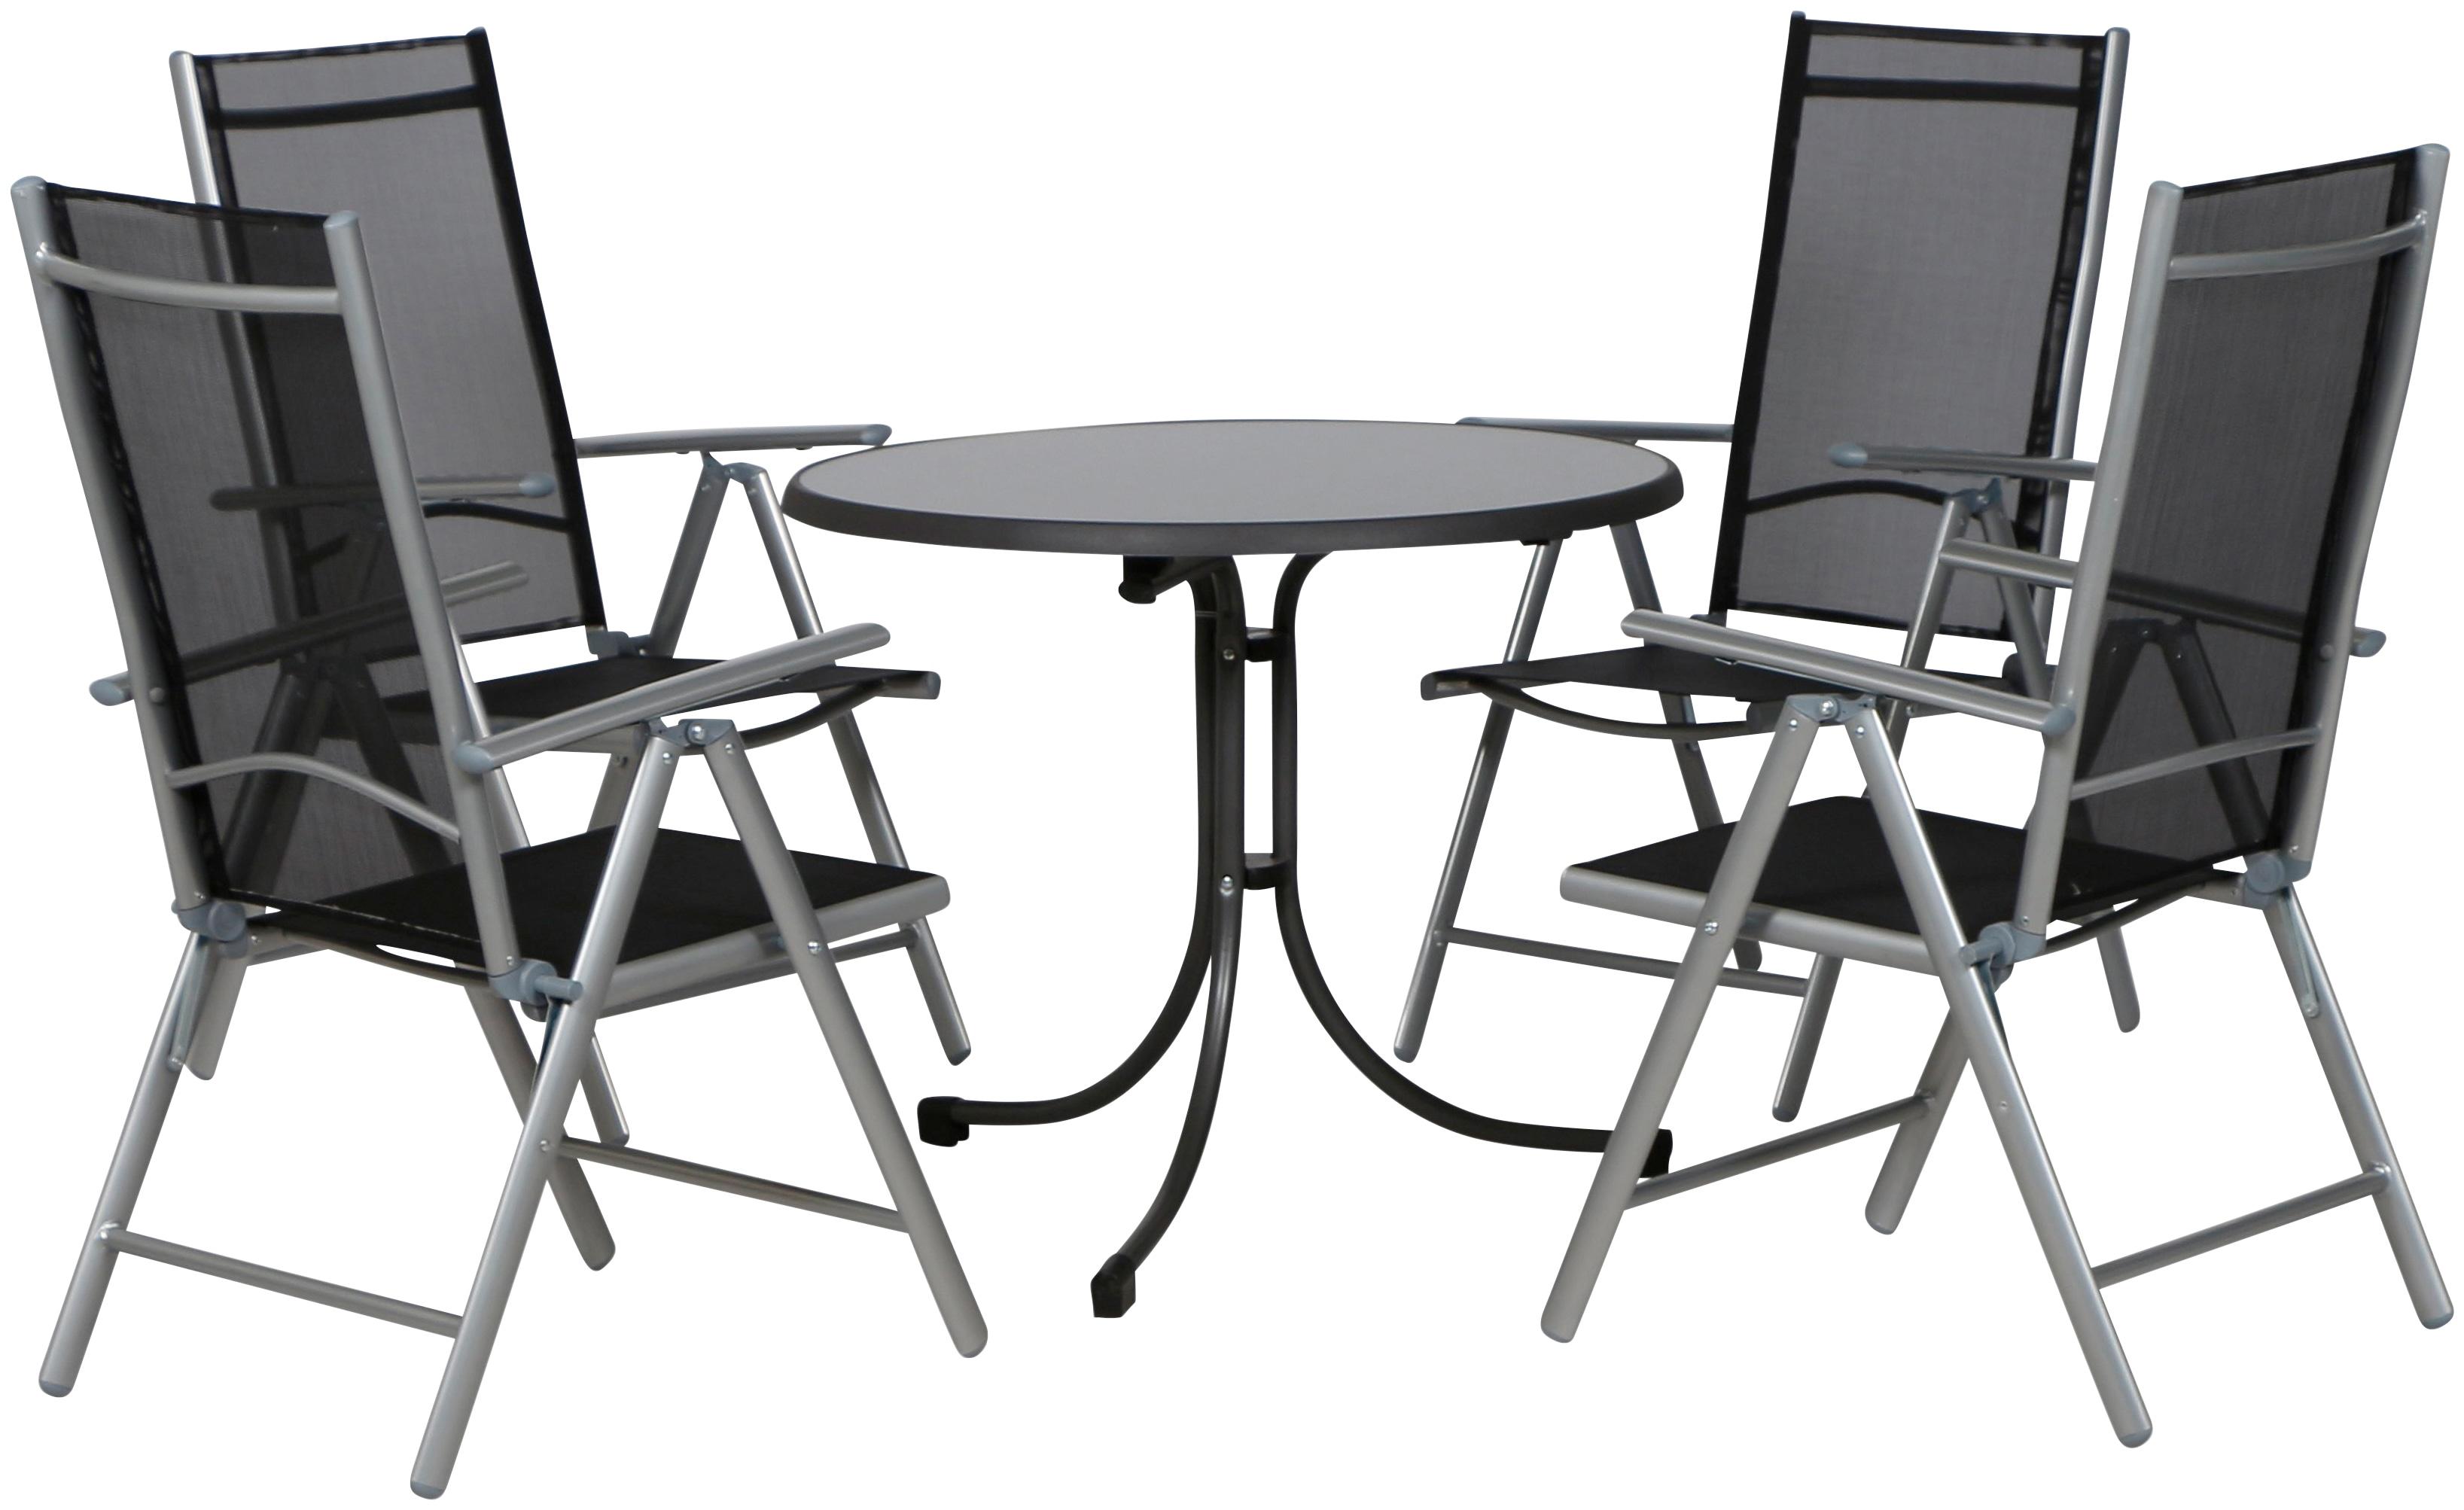 Gartenmobelset Saturn Ii 5 Tlg Alu Stahl 4 Stuhle Tisch O